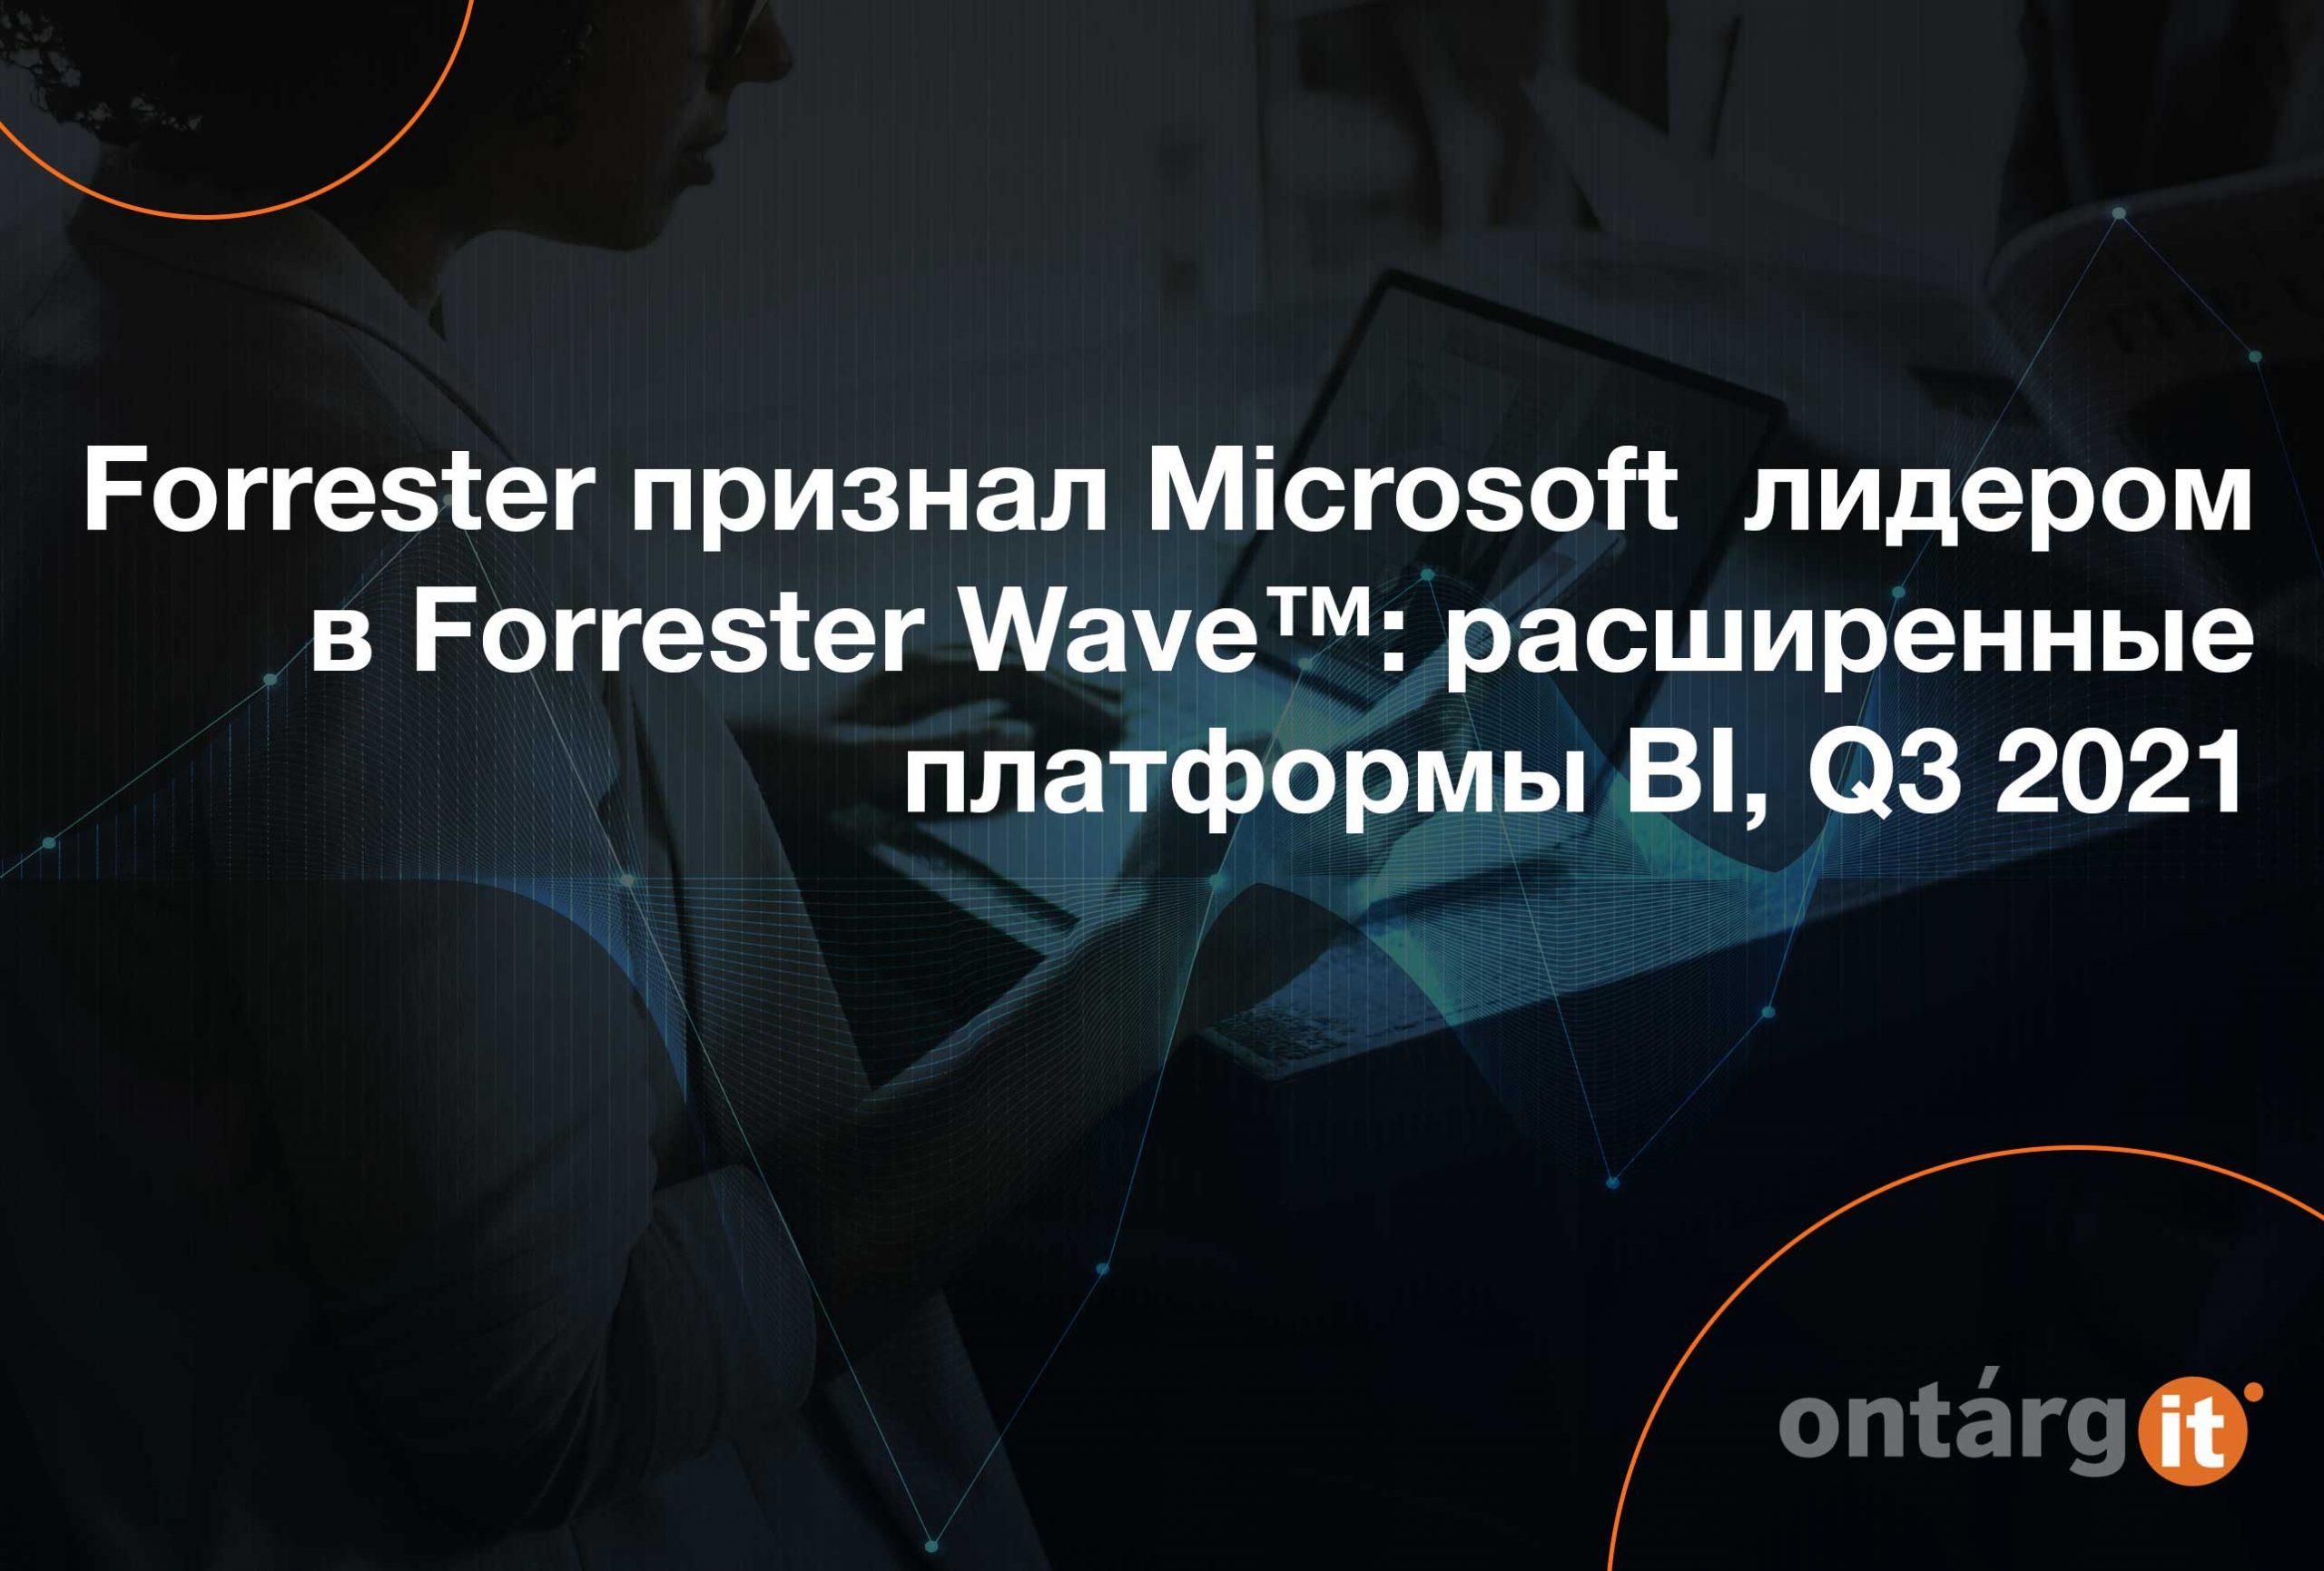 Forrester-признал-Microsoft-лидером-в-Forrester-Wave-расширенные-платформы-BI,-Q3-2021